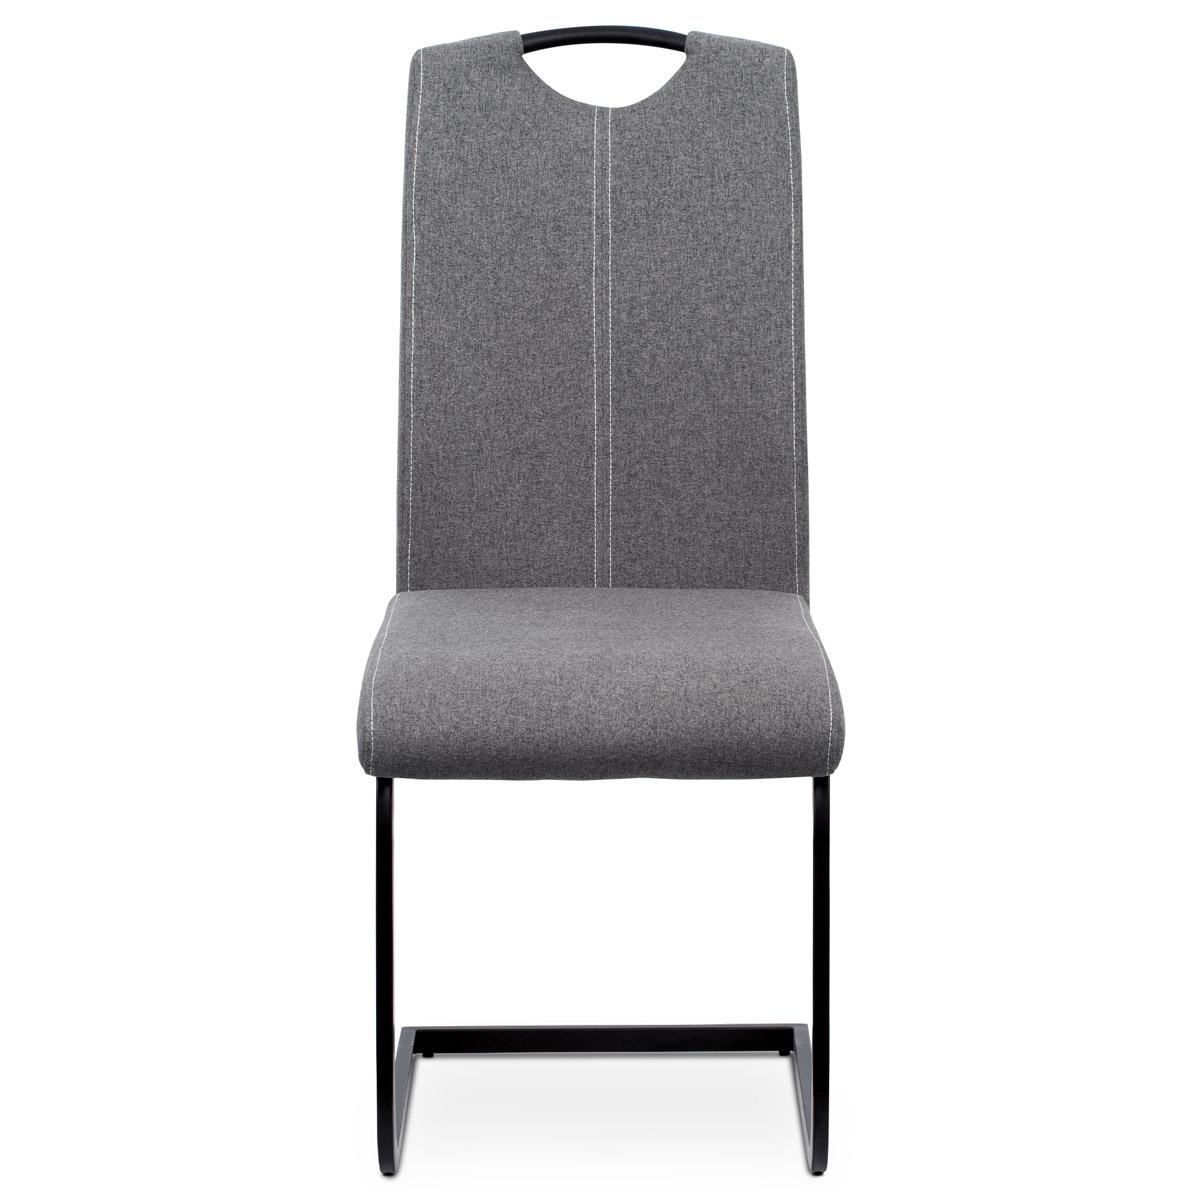 Jídelní židle, potah šedá látka, bílé prošití, kovová pohupová podnož, černý mat - DCL-612 GREY2